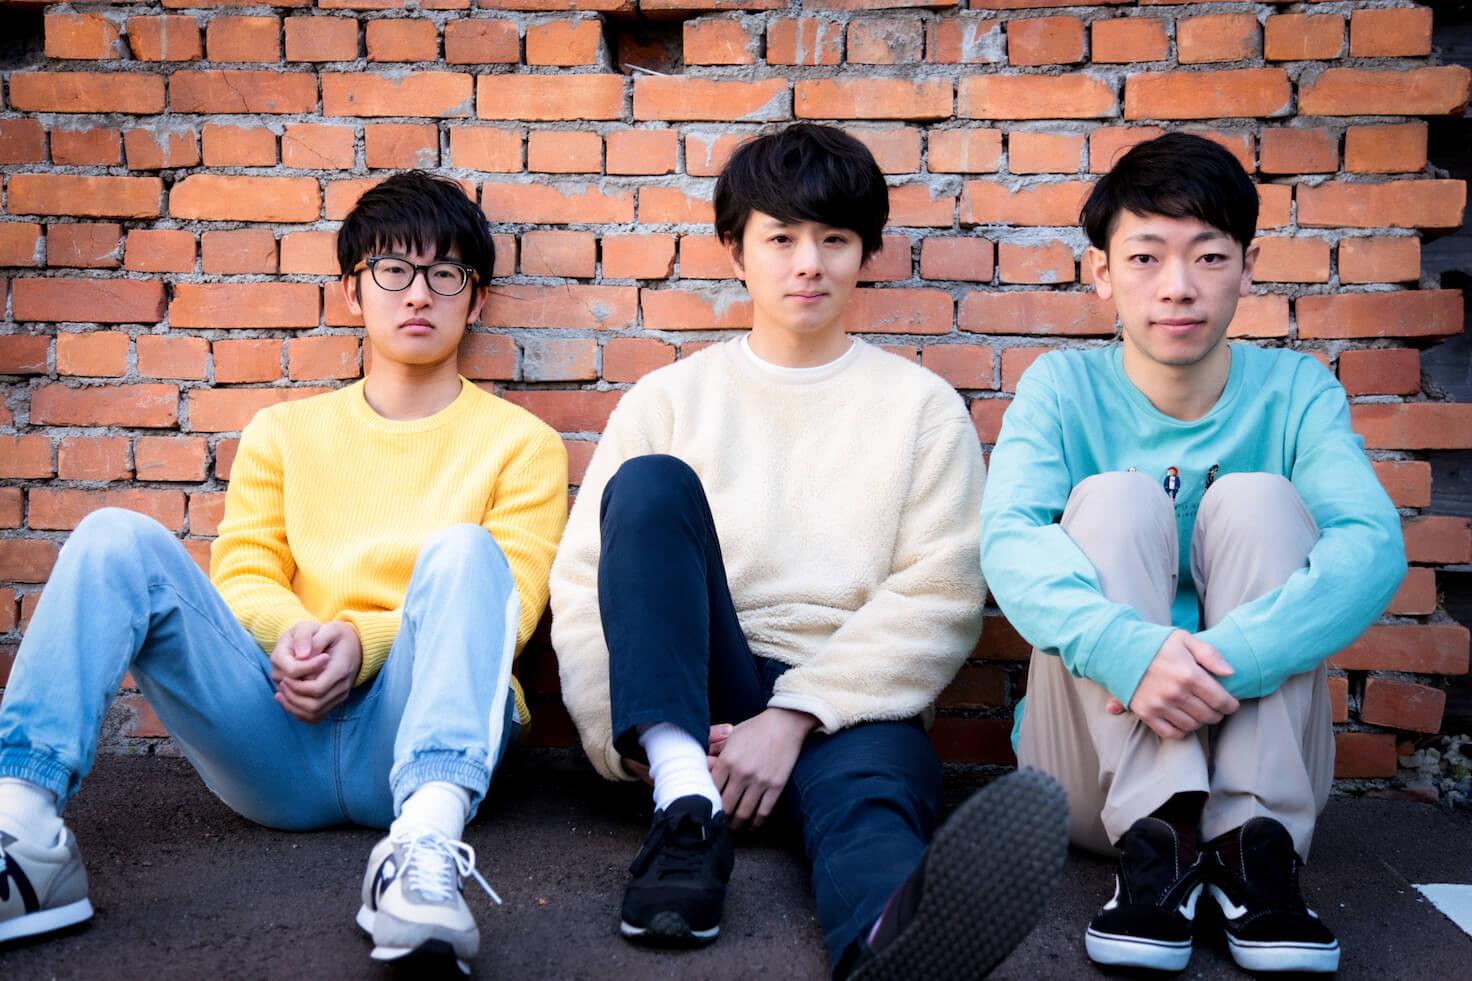 PUTAINS、待望となる初全国流通1stAlbum『FEEL』を3月25日リリースサムネイル画像